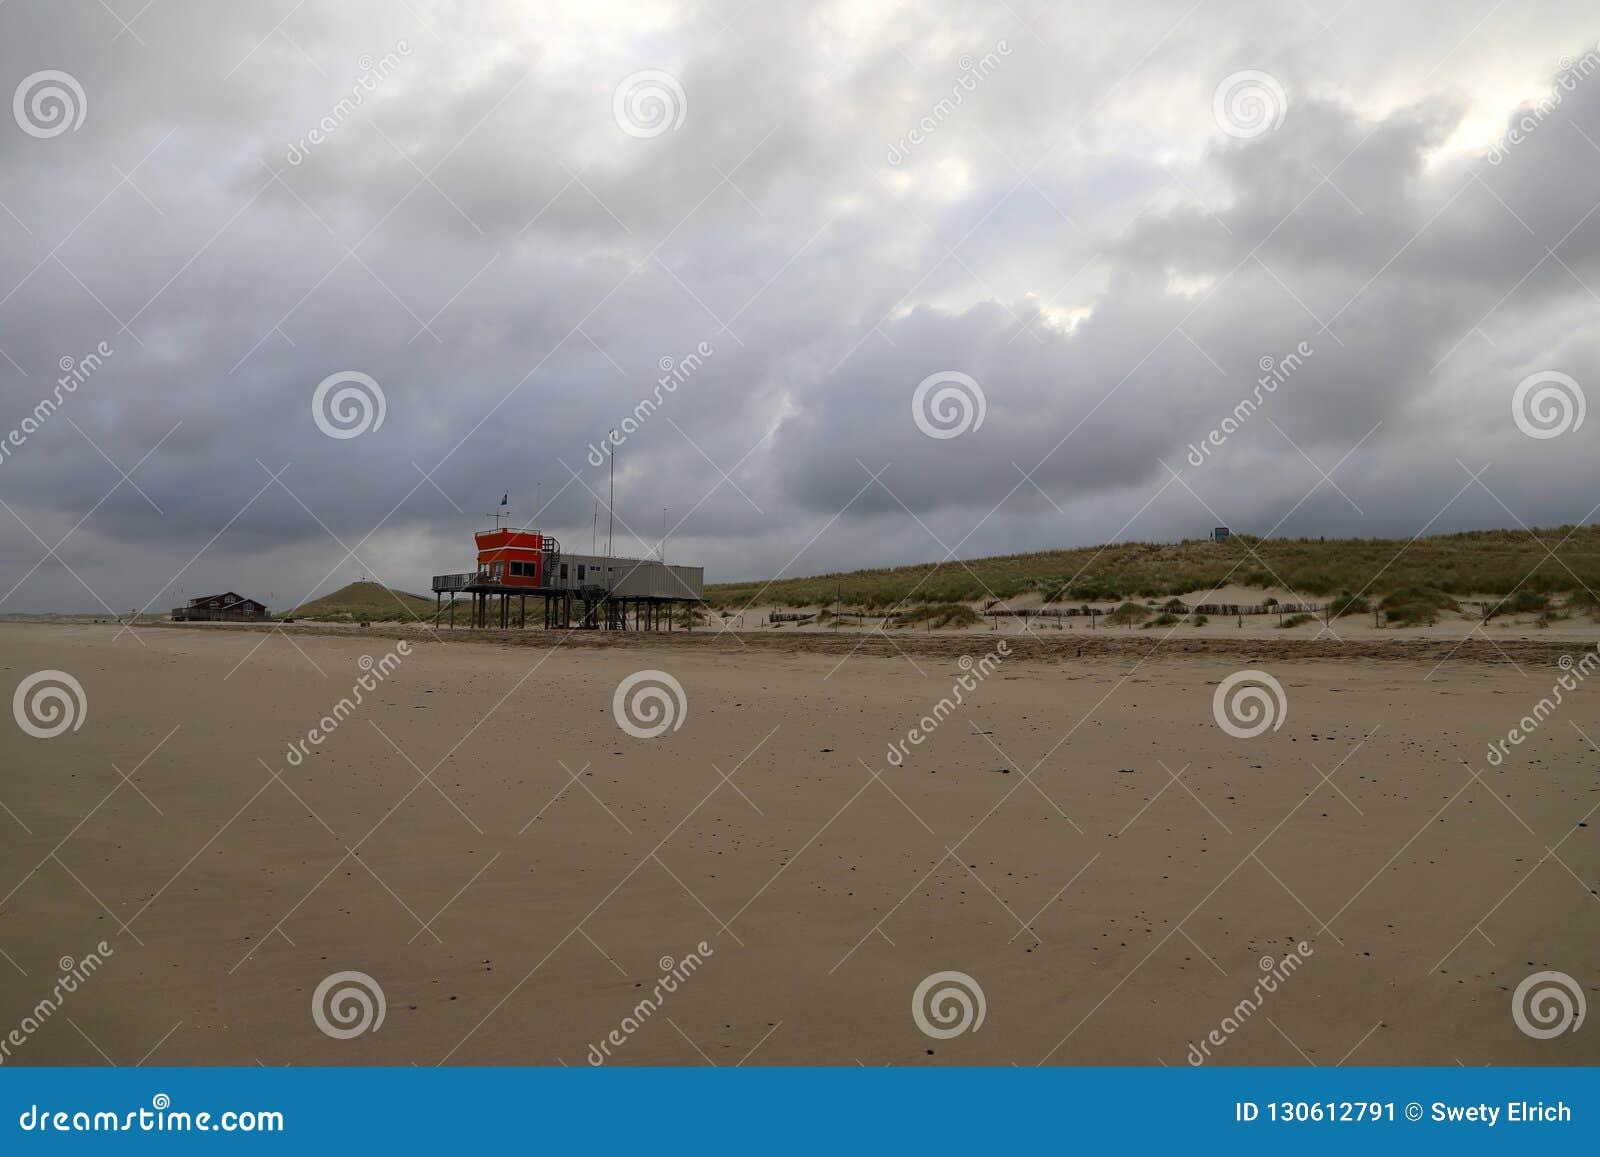 Praia vazia em um dia nebuloso na cidade pequena litoral quieta, os Países Baixos